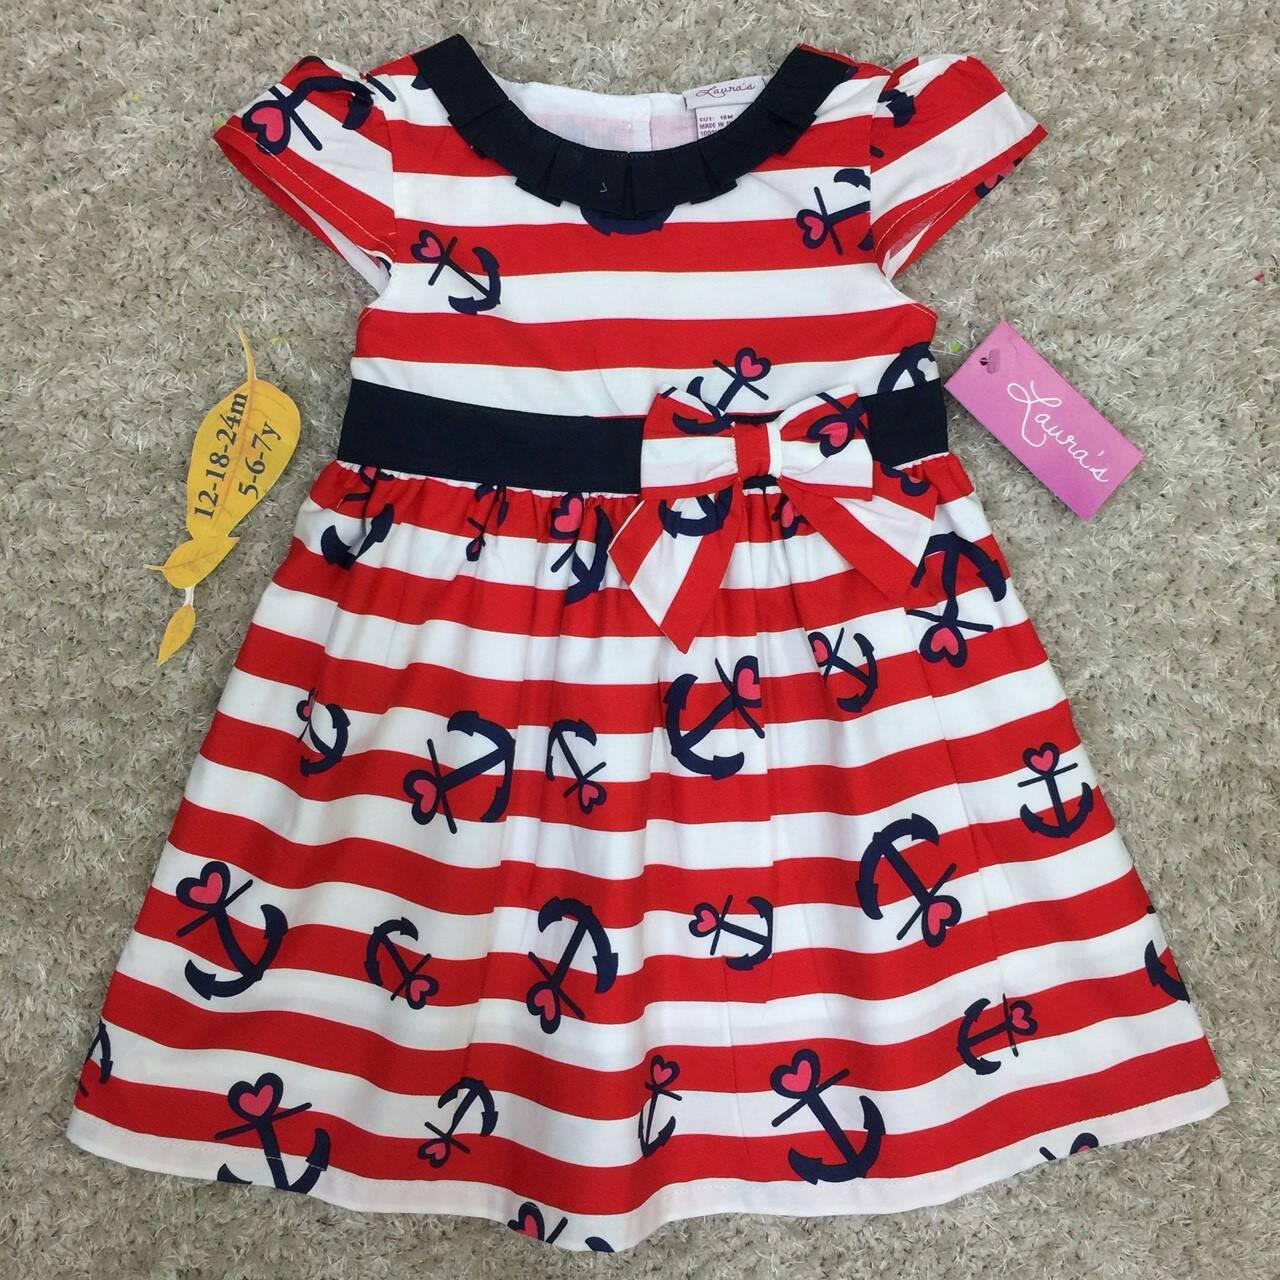 เสื้อผ้าเด็ก 5-7ปี size 5Y-6Y-7Y ลายสมอ สีแดง